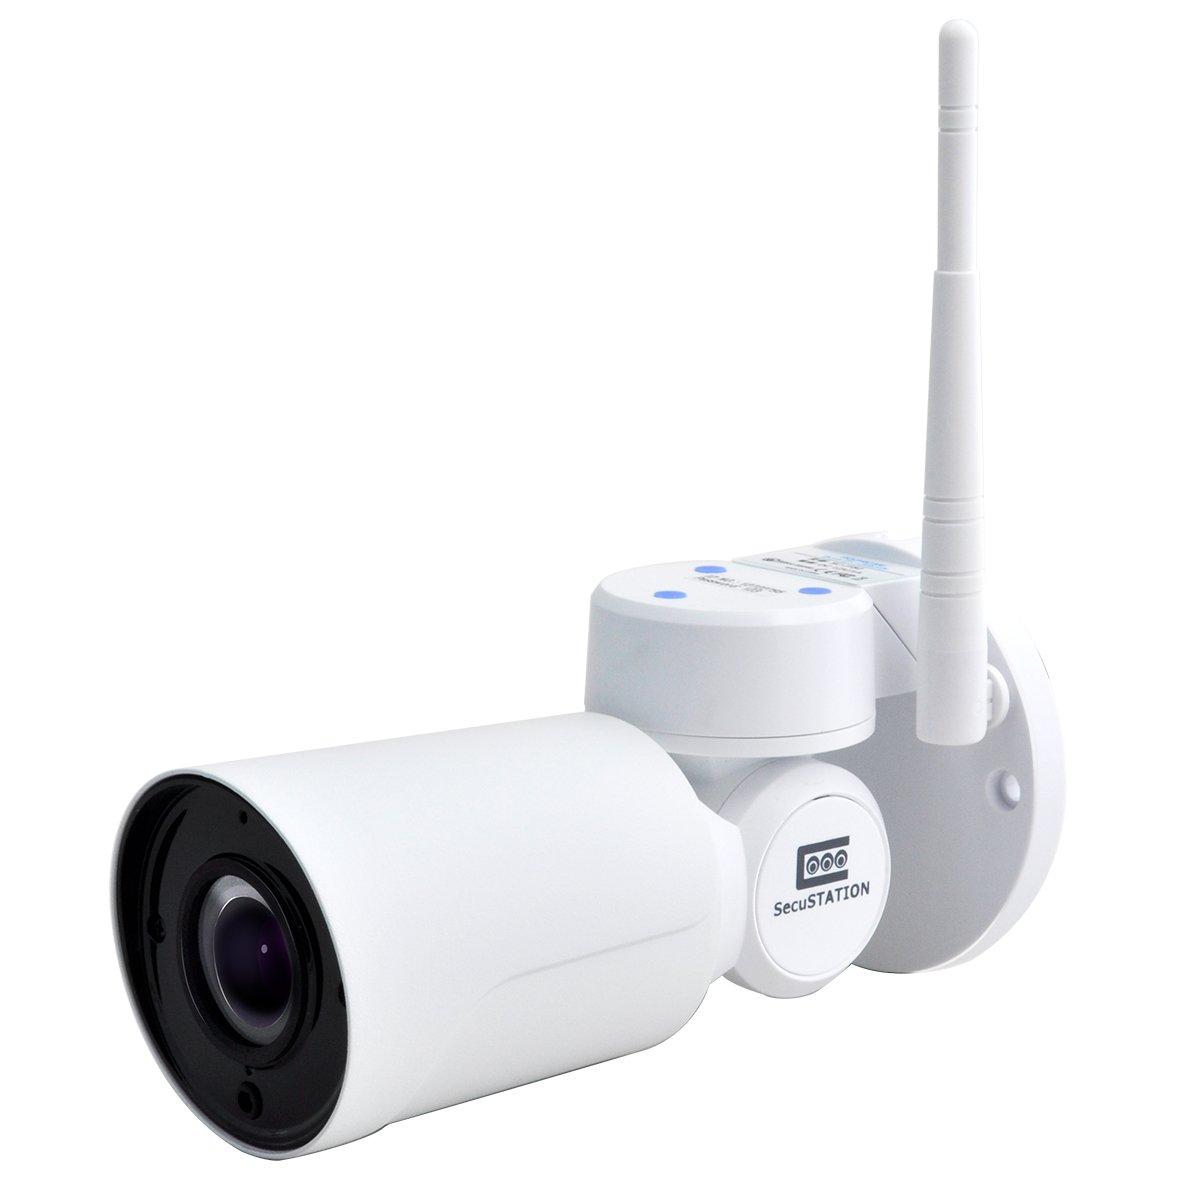 オープニング 大放出セール SecuSTATION 日本メーカー 防犯カメラ POCHICAM 243万画素 日本メーカー パンチルト可能 B07DVGNSFM SC-JT82 64GB内蔵 SC-JT82 B07DVGNSFM, ジャンプラボ:12dd80ce --- martinemoeykens-com.access.secure-ssl-servers.info